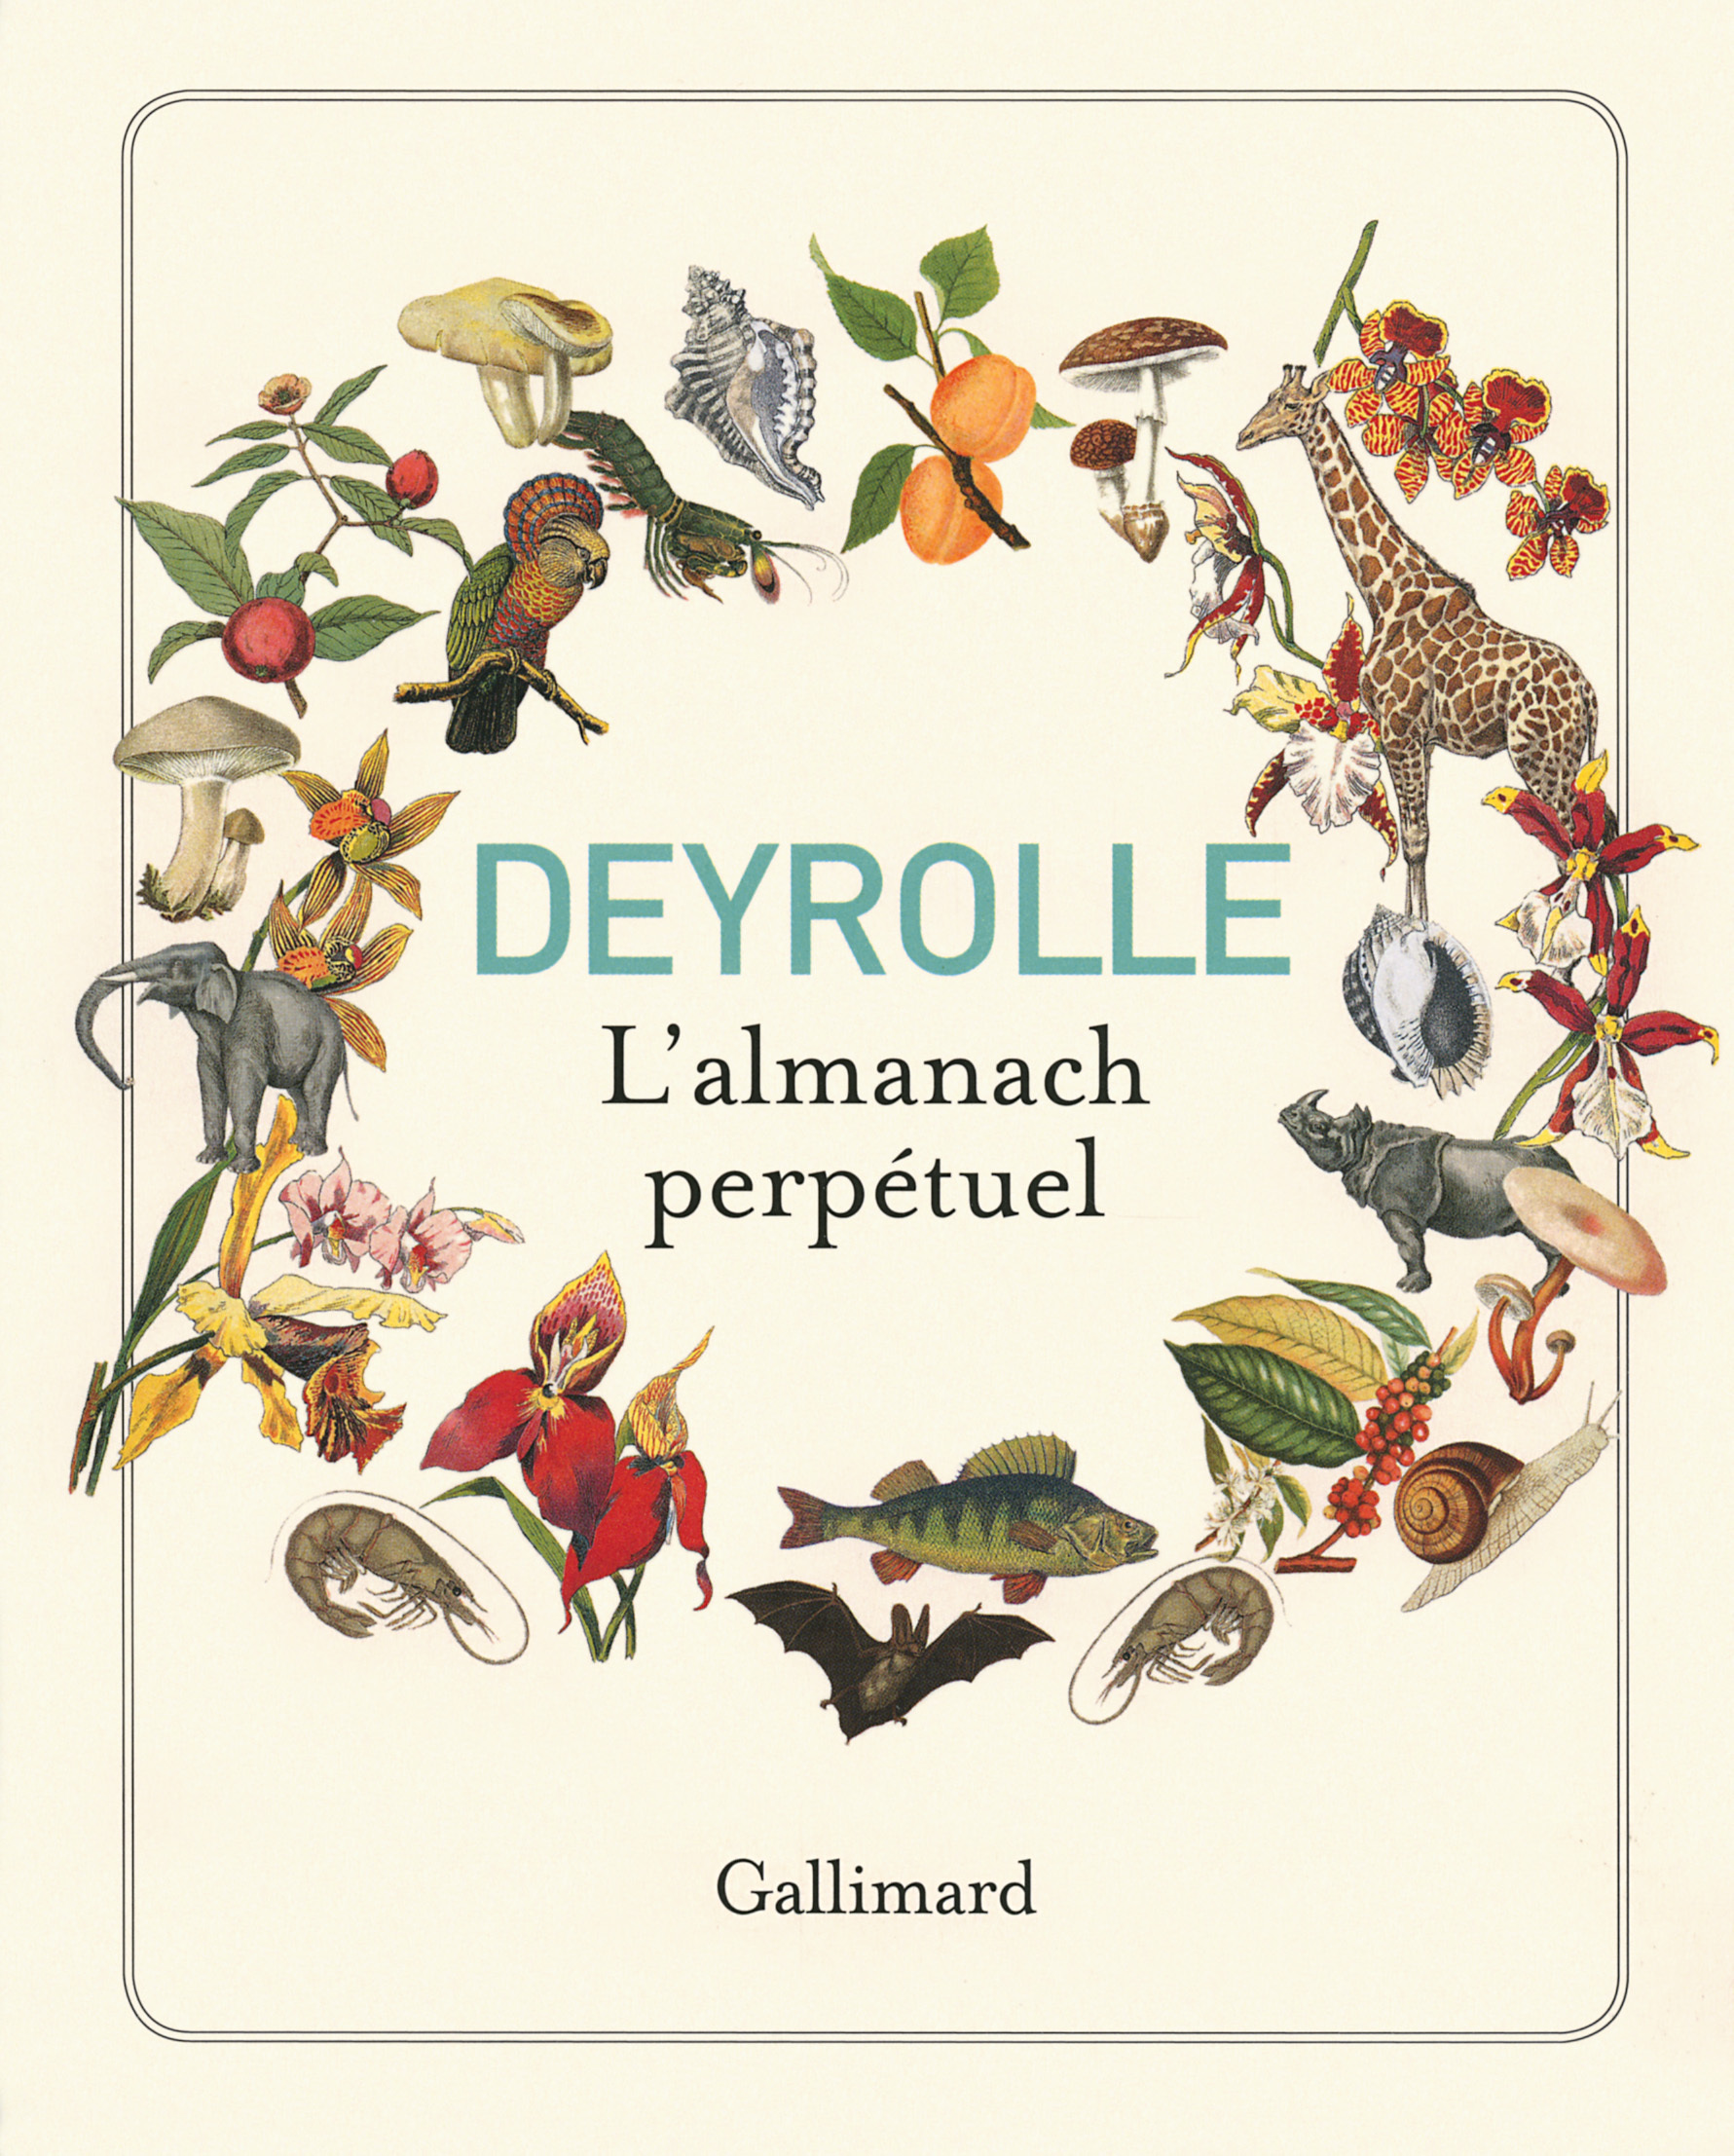 DEYROLLE, L'ALMANACH PERPETUEL